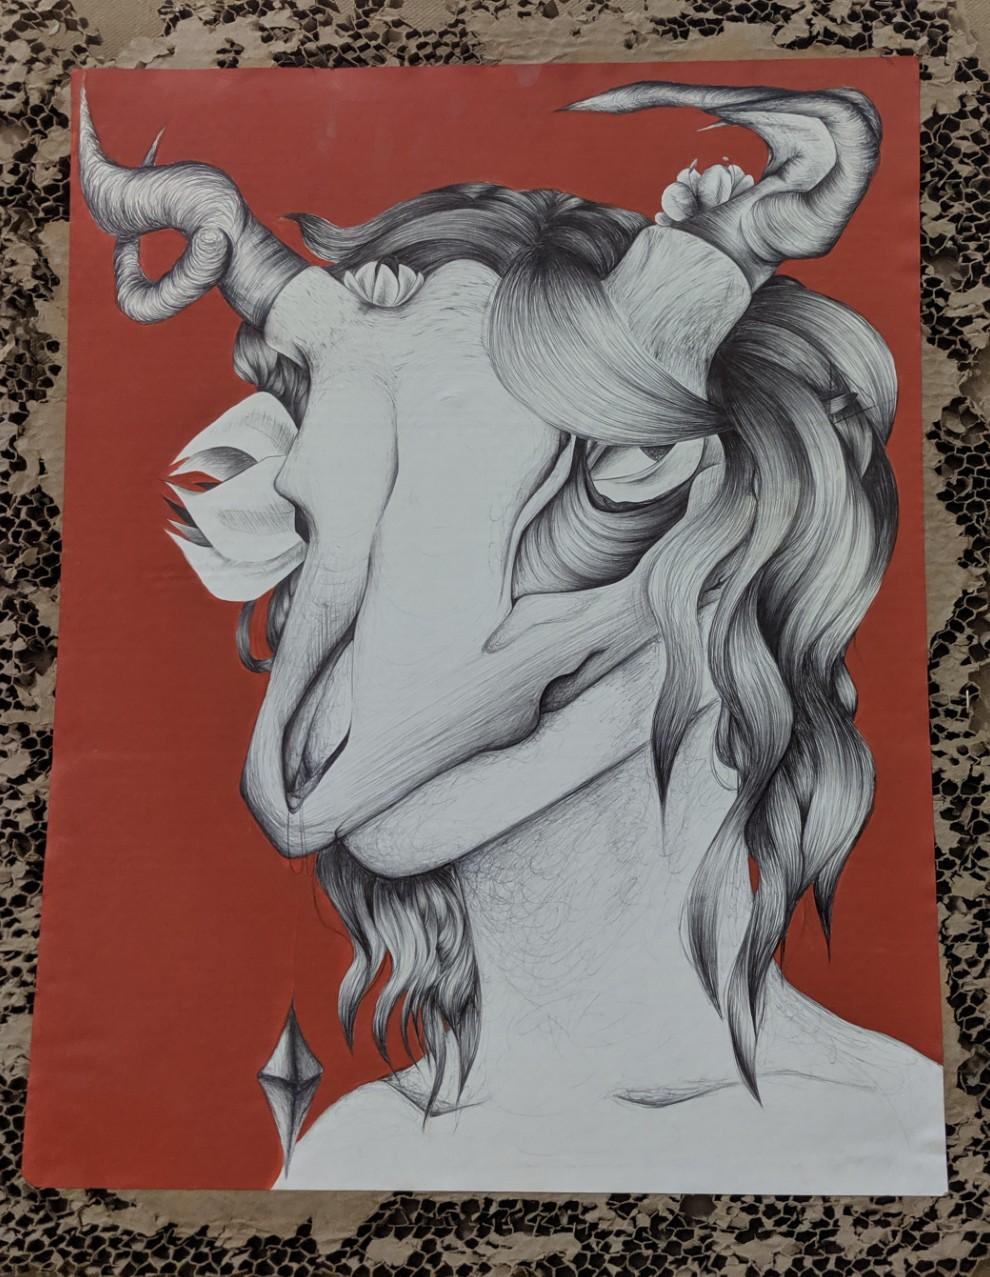 Art by Mia Gority